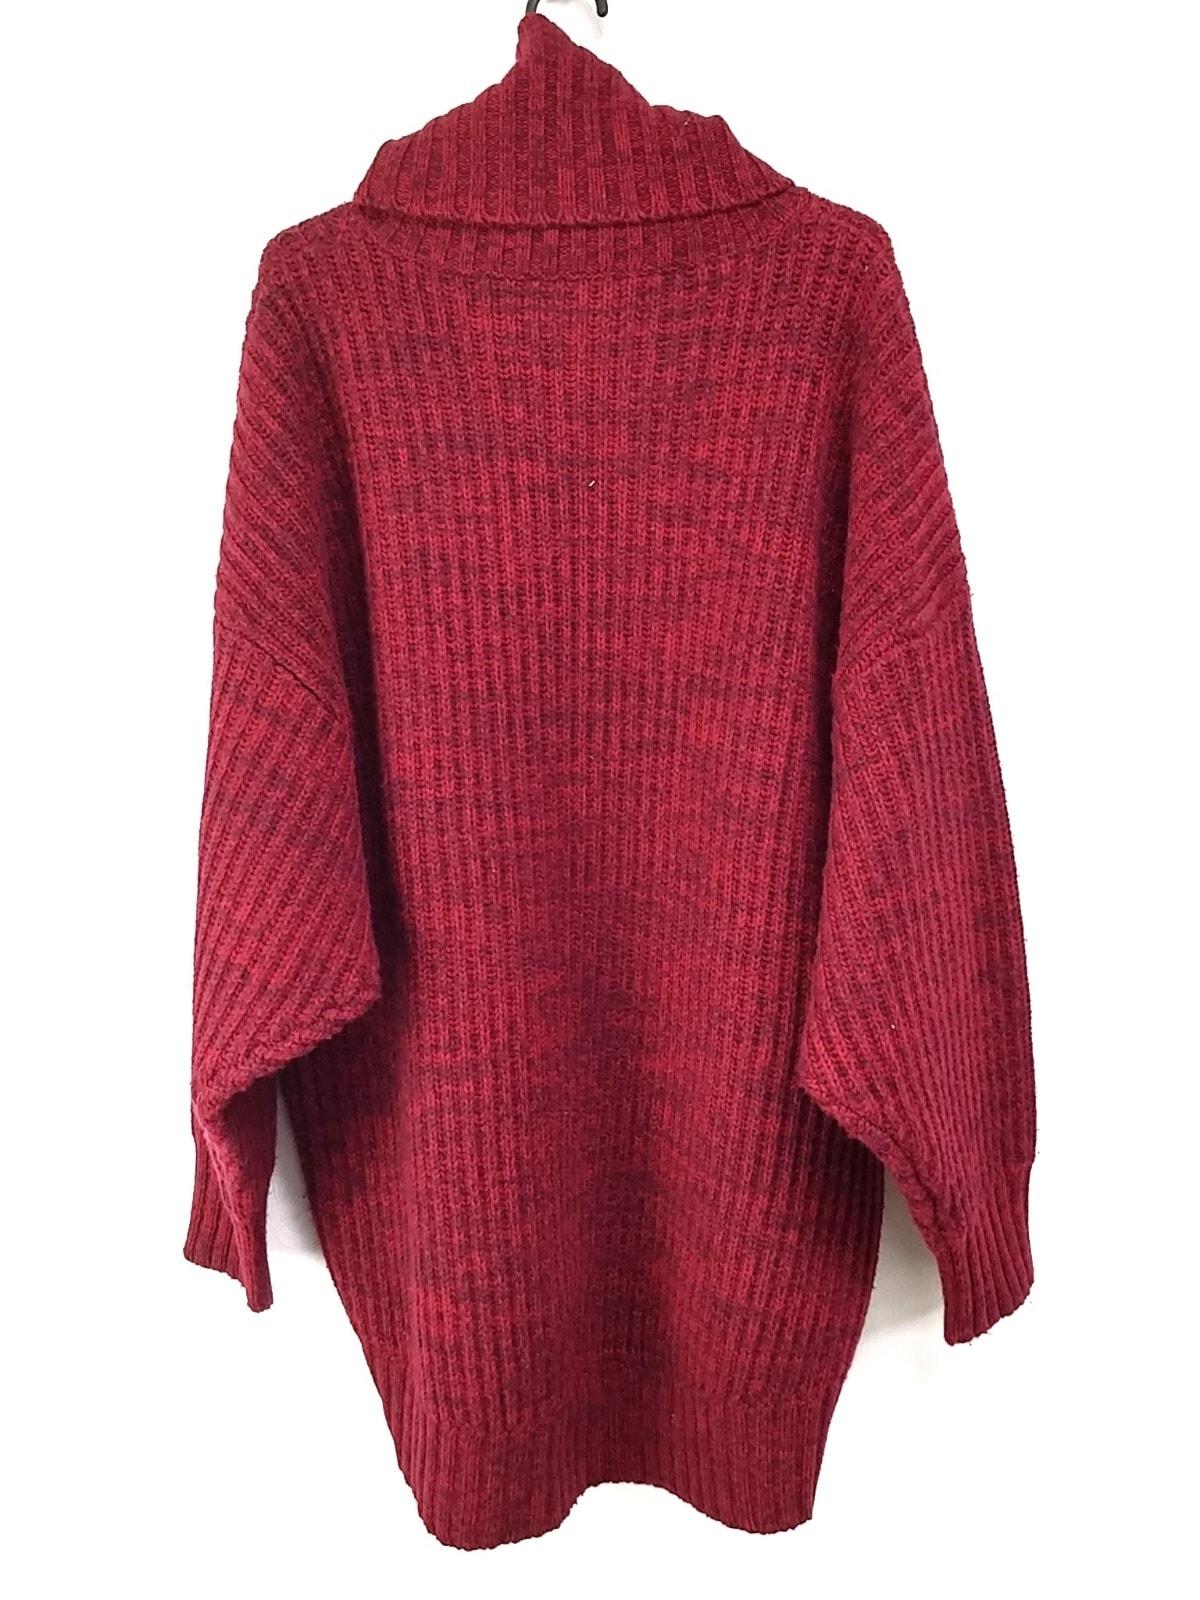 Couture d'Adam(クチュールドアダム)のセーター